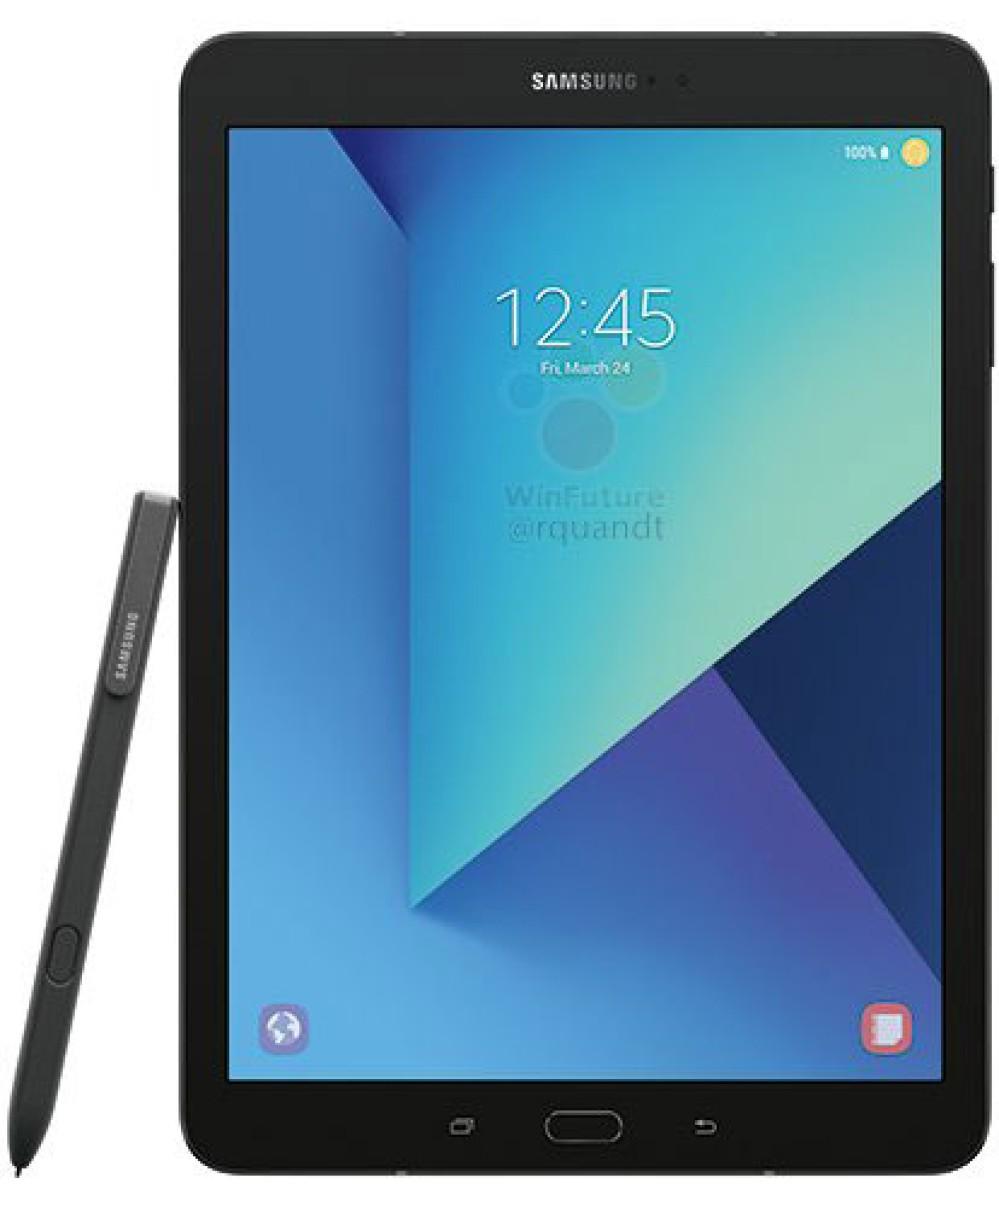 Samsung Galaxy Tab S3: Η πρώτη εικόνα αποκαλύπτει ότι υποστηρίζει γραφίδα S Pen